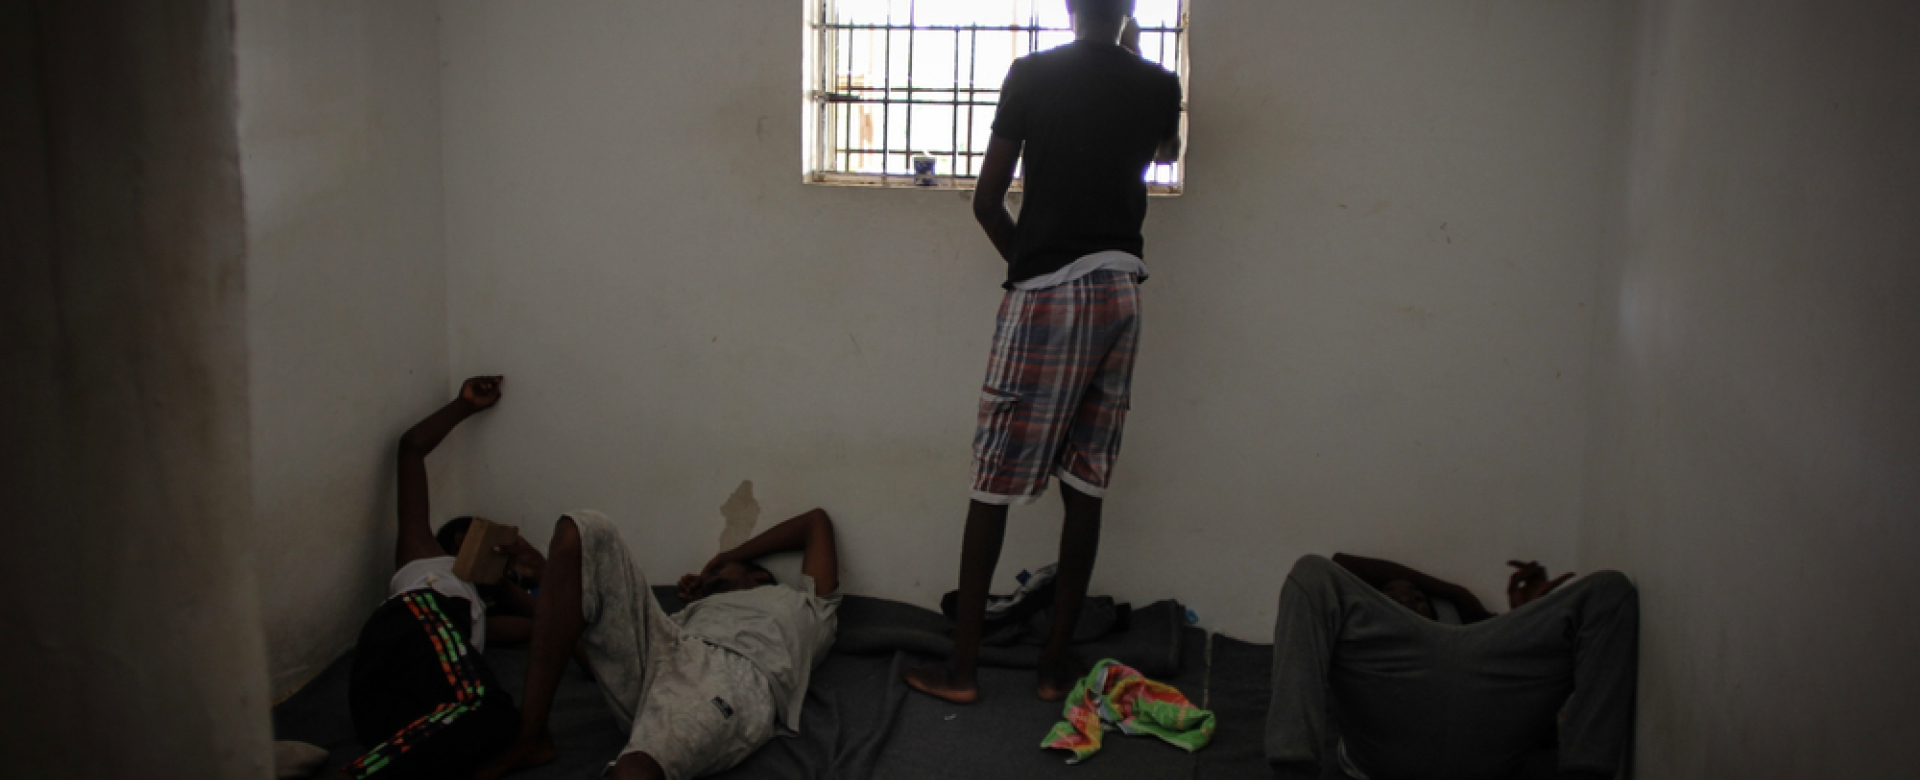 Een vluchteling voor het raam in een detentiecentrum